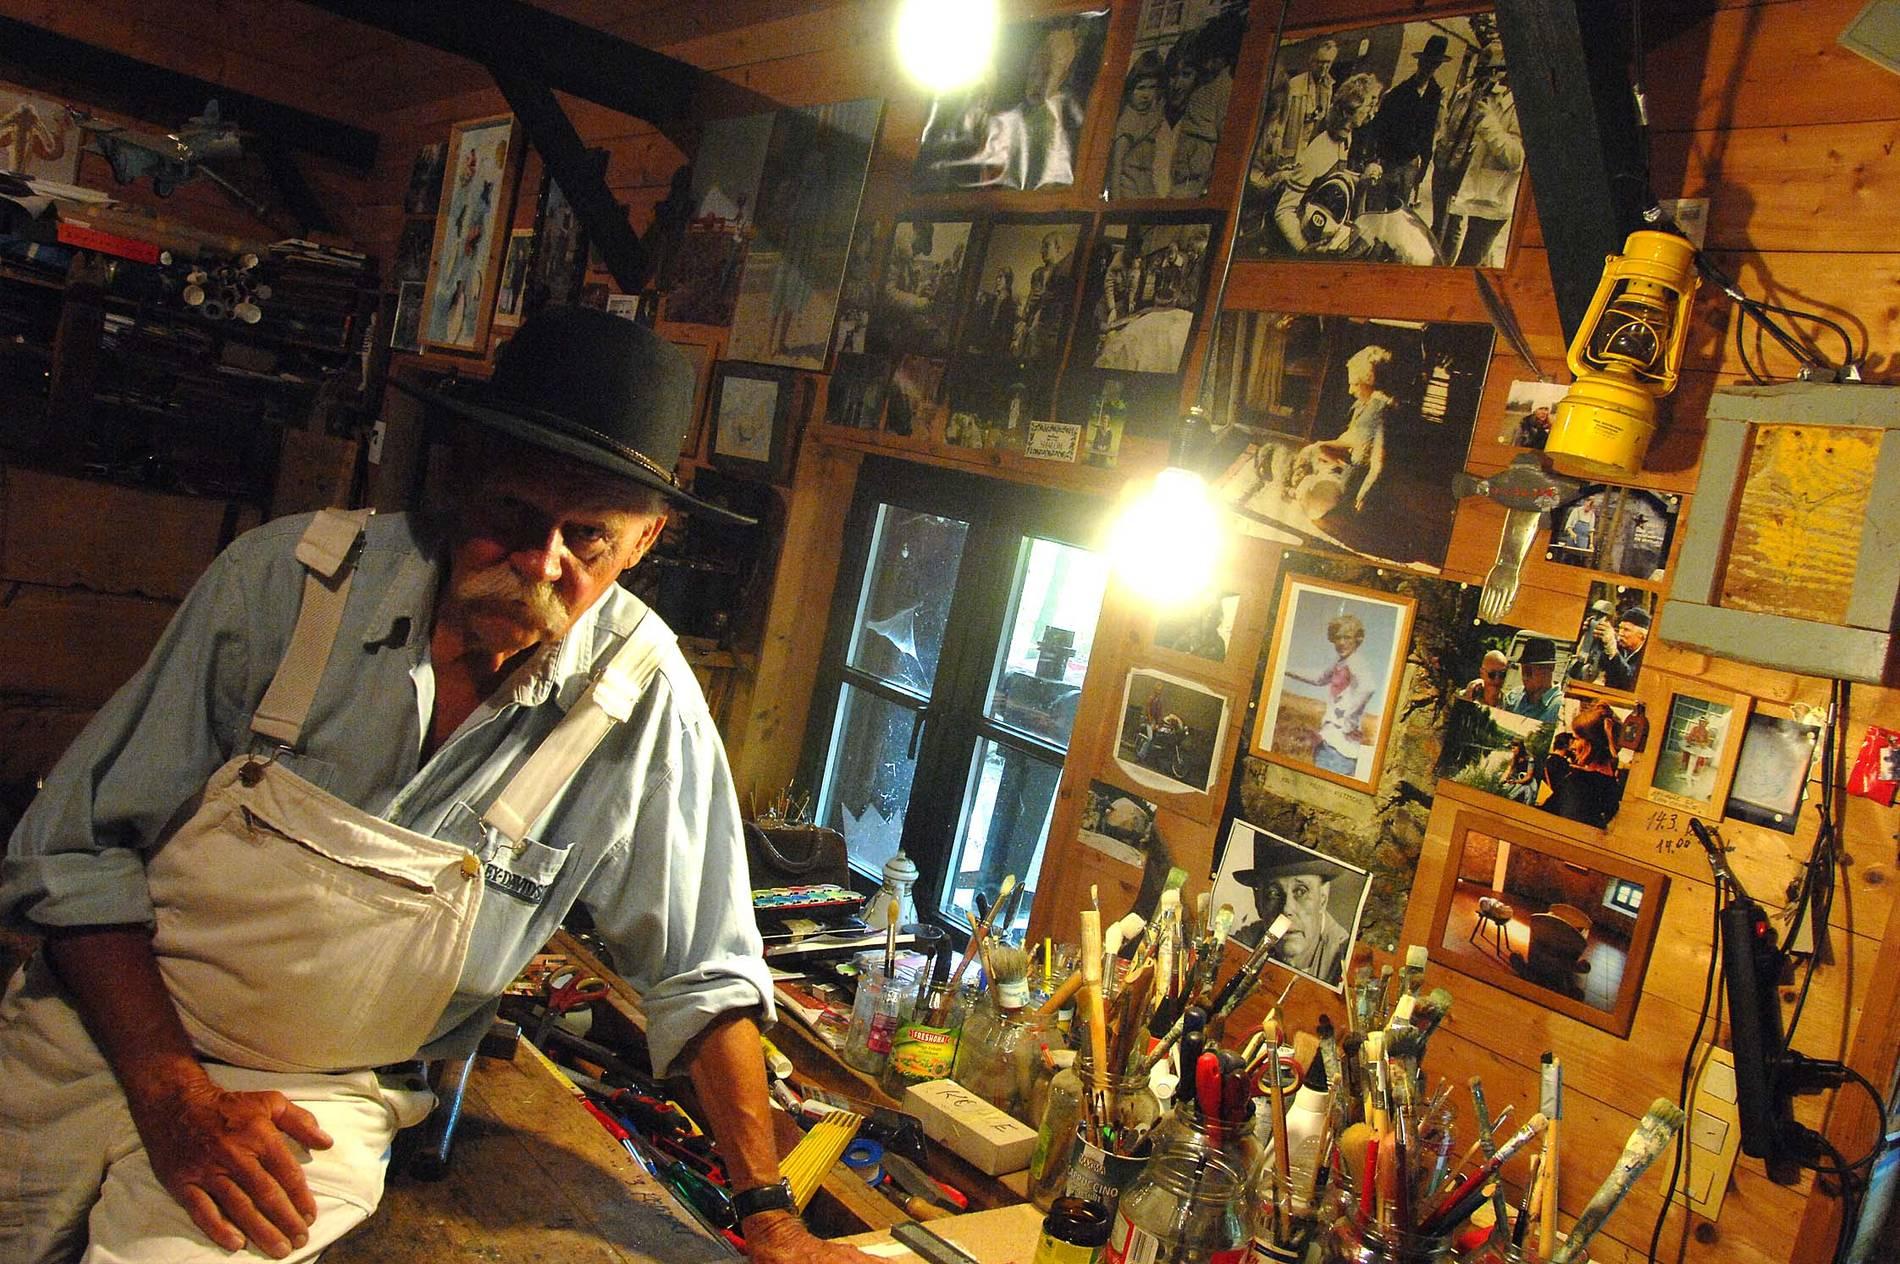 Anatol Herzfeld im Alter von 88 Jahren gestorben - Boulevard